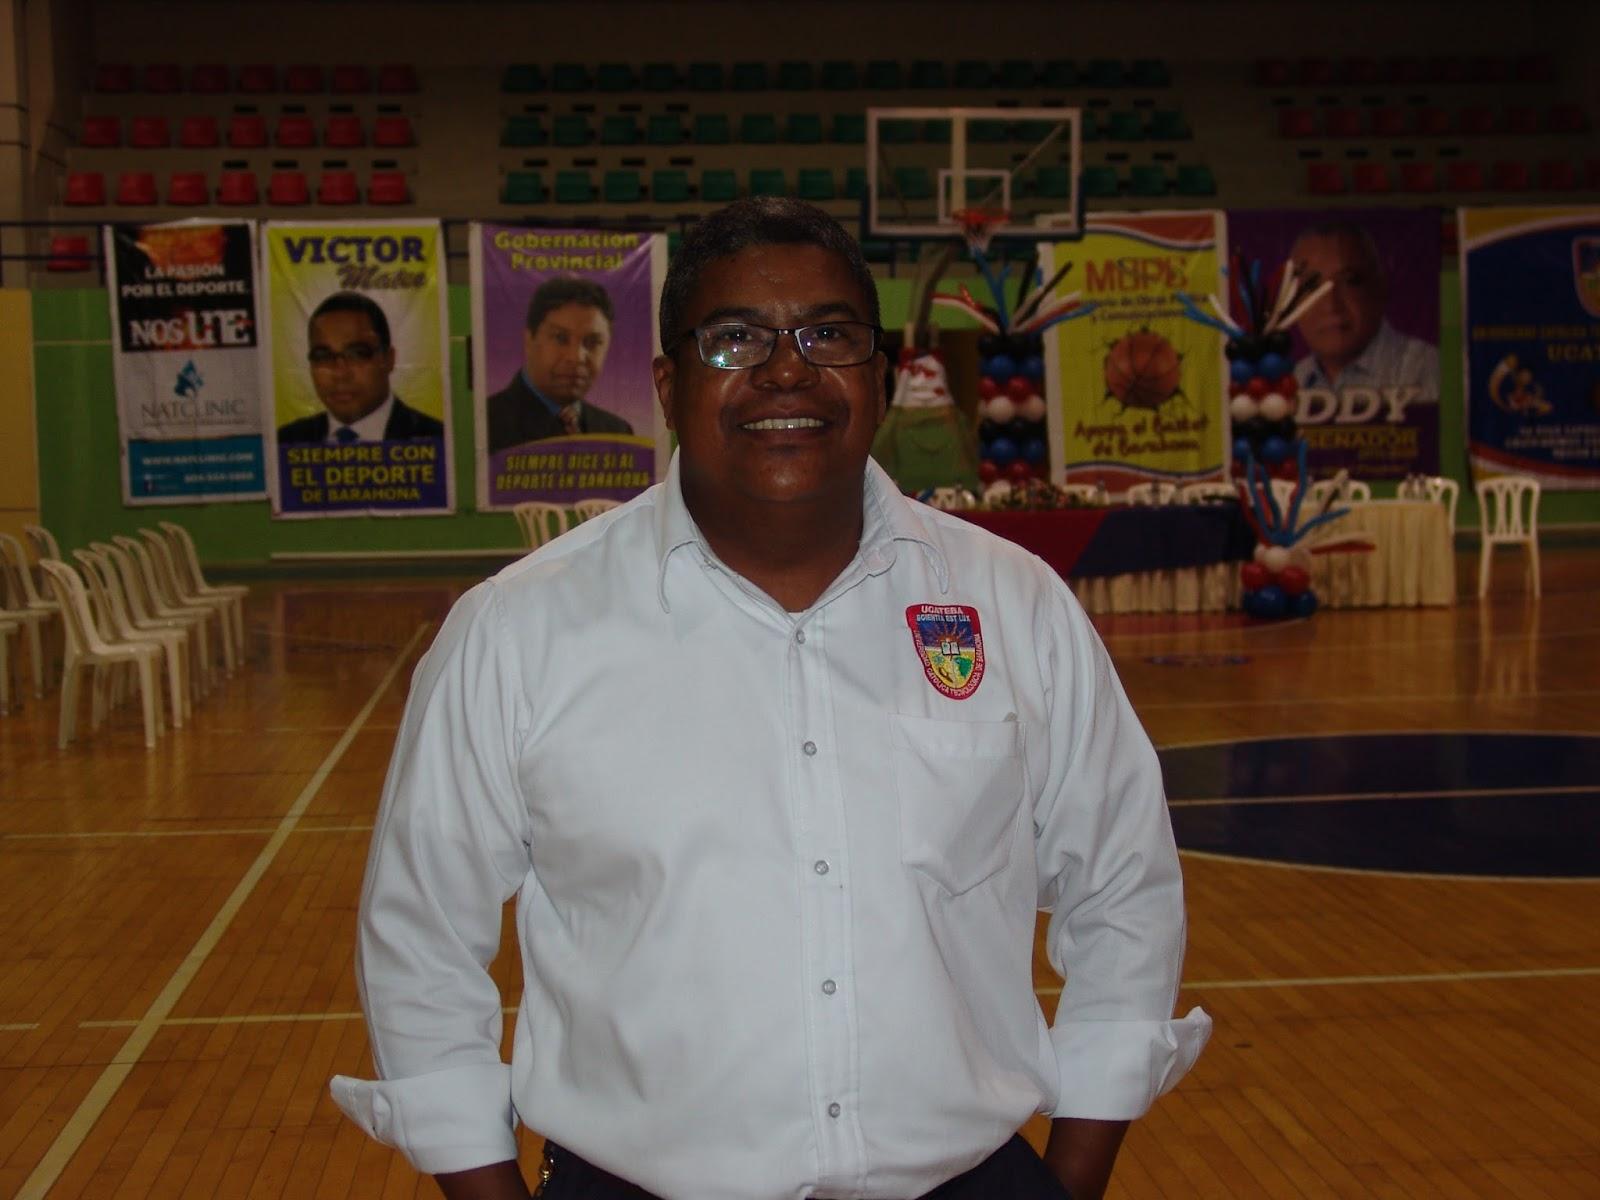 Presidente de la Asociación Provincial de Baloncesto de Barahona se refiere a decisión del Club Santa Cruz de retirarse del  torneo de baloncesto superior